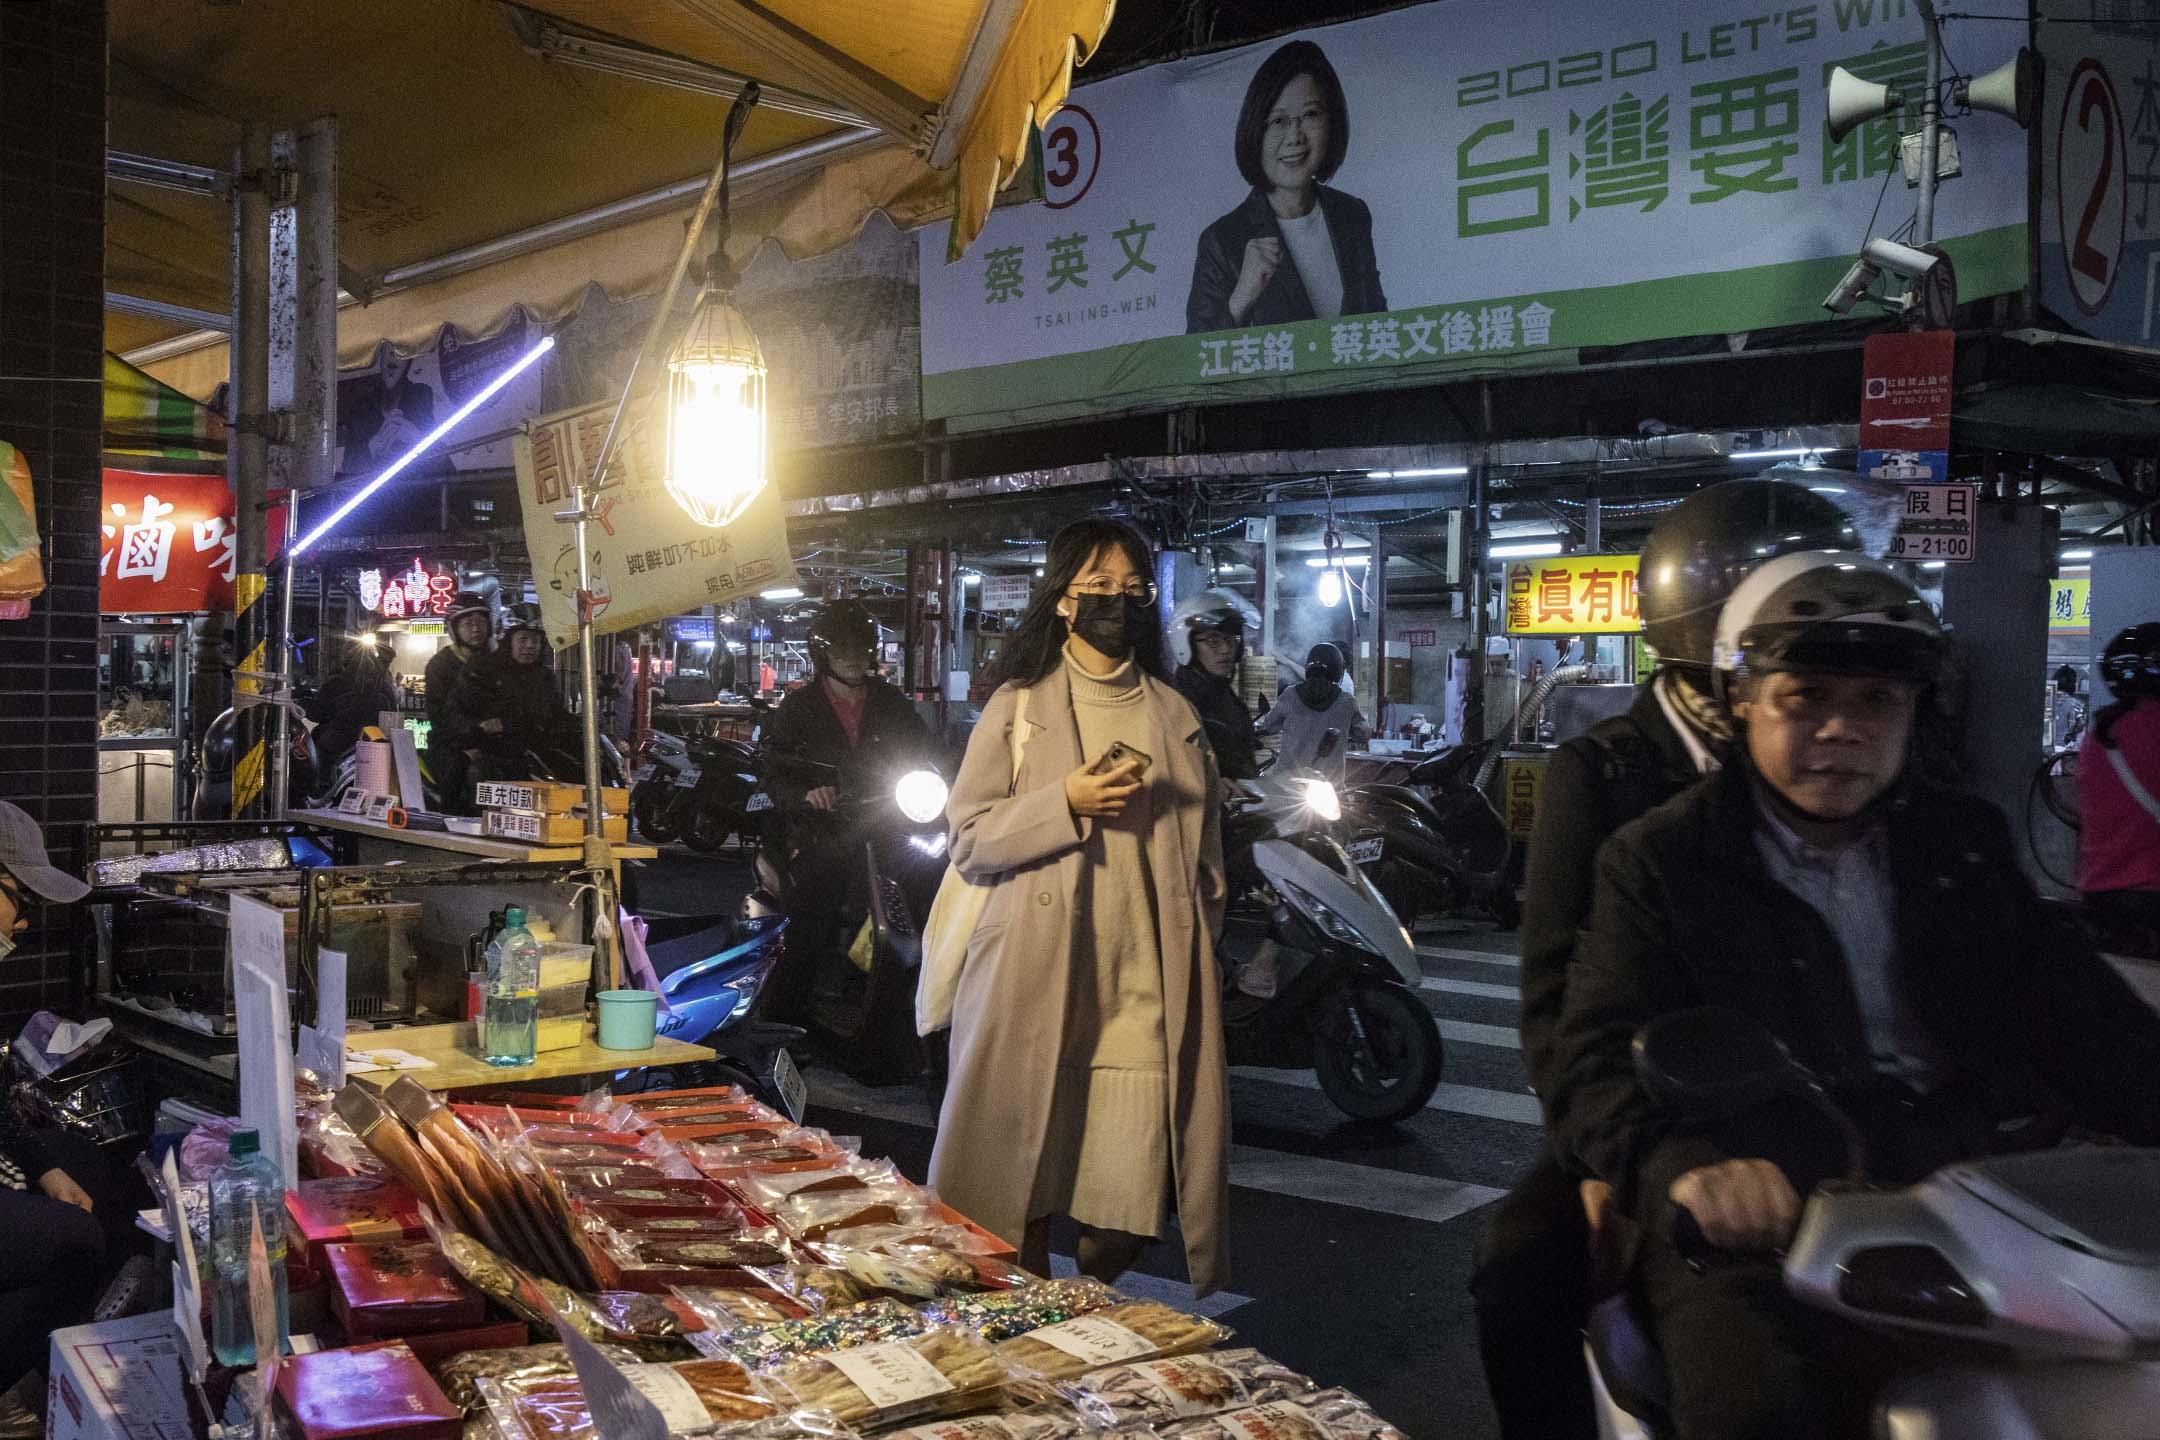 2019年12月26日,台灣內湖的夜市,市民經過一幅蔡英文的競選海報。